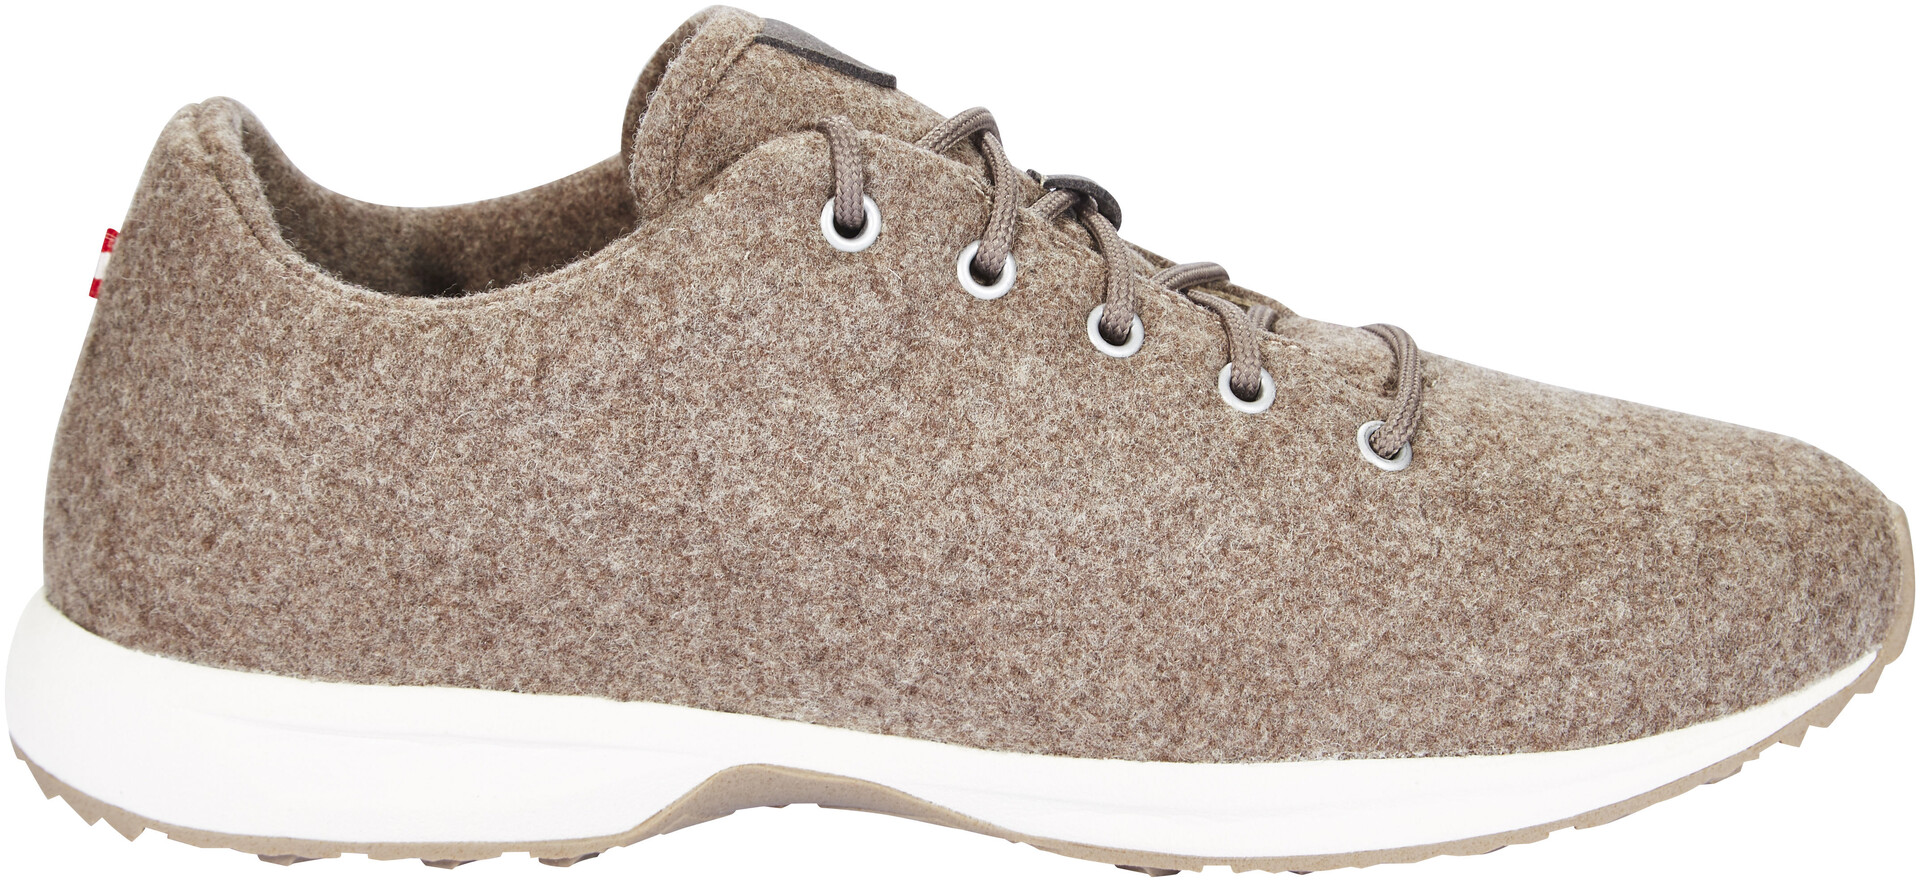 Steiner Shoes Alpine Dachstein Herren Dach Beige Lifestyle Owk8n0P